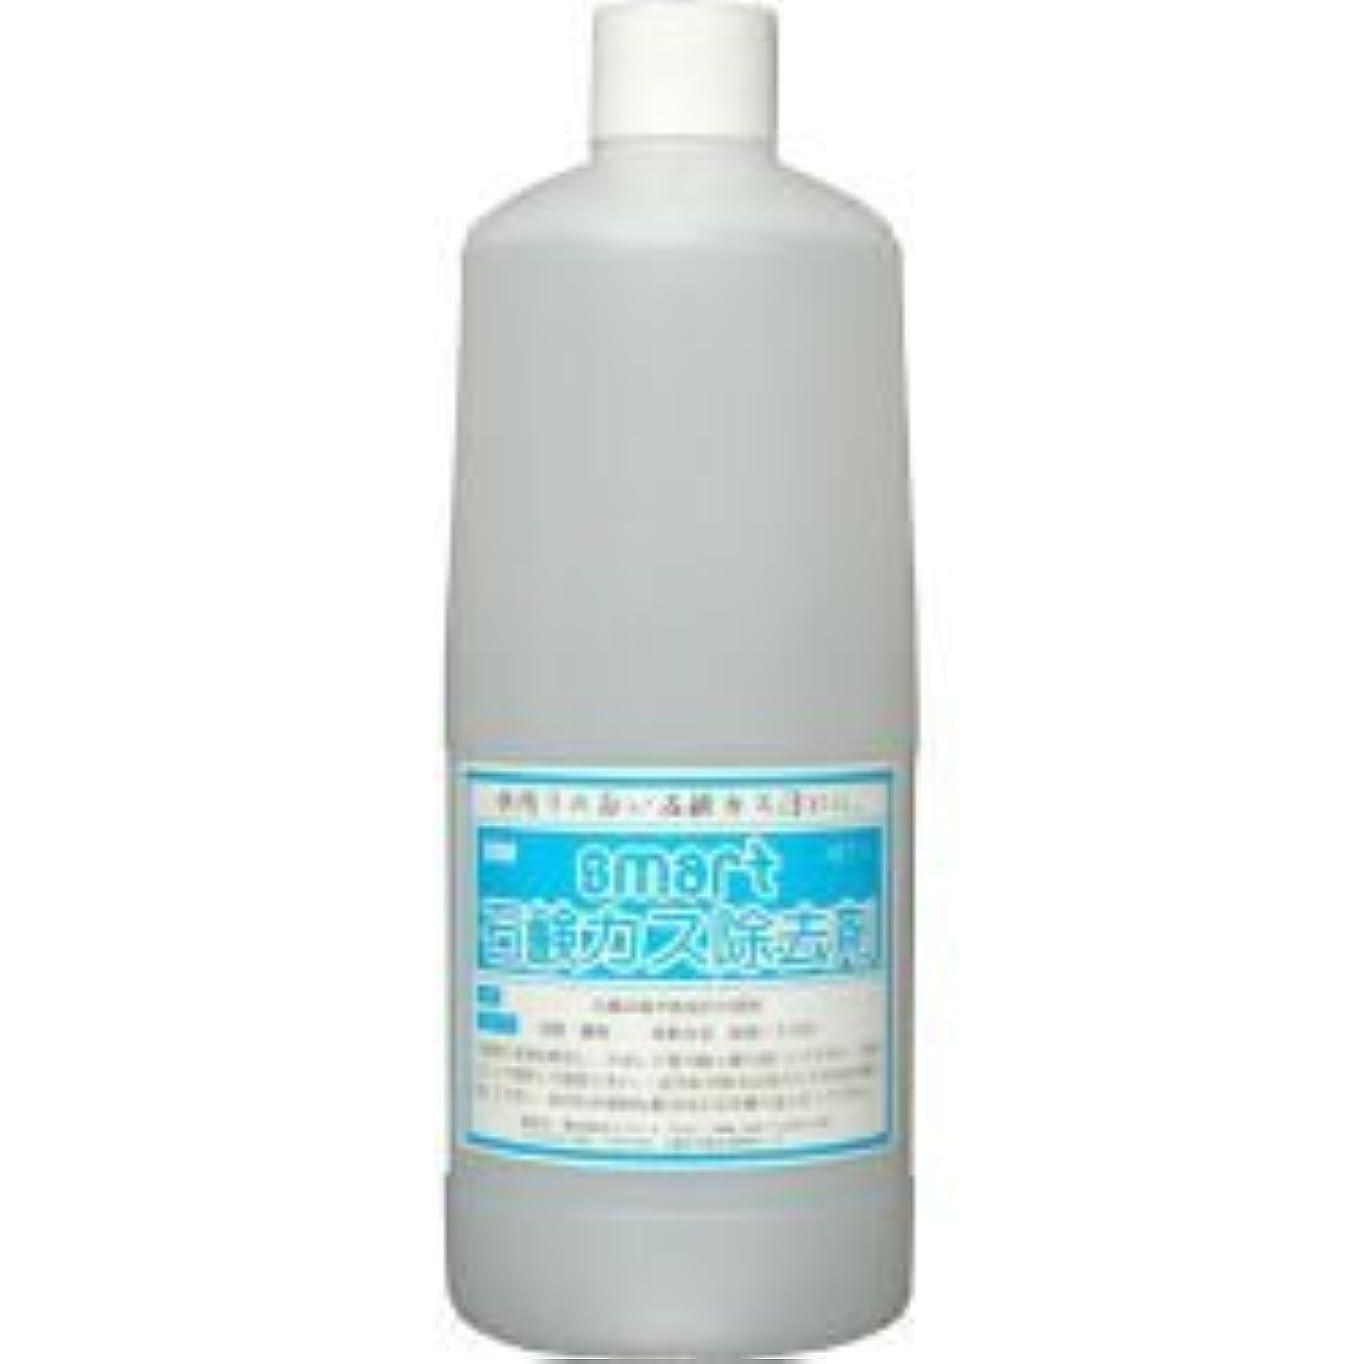 目立つ接続されたドレススマート石鹸カス除去剤 1L